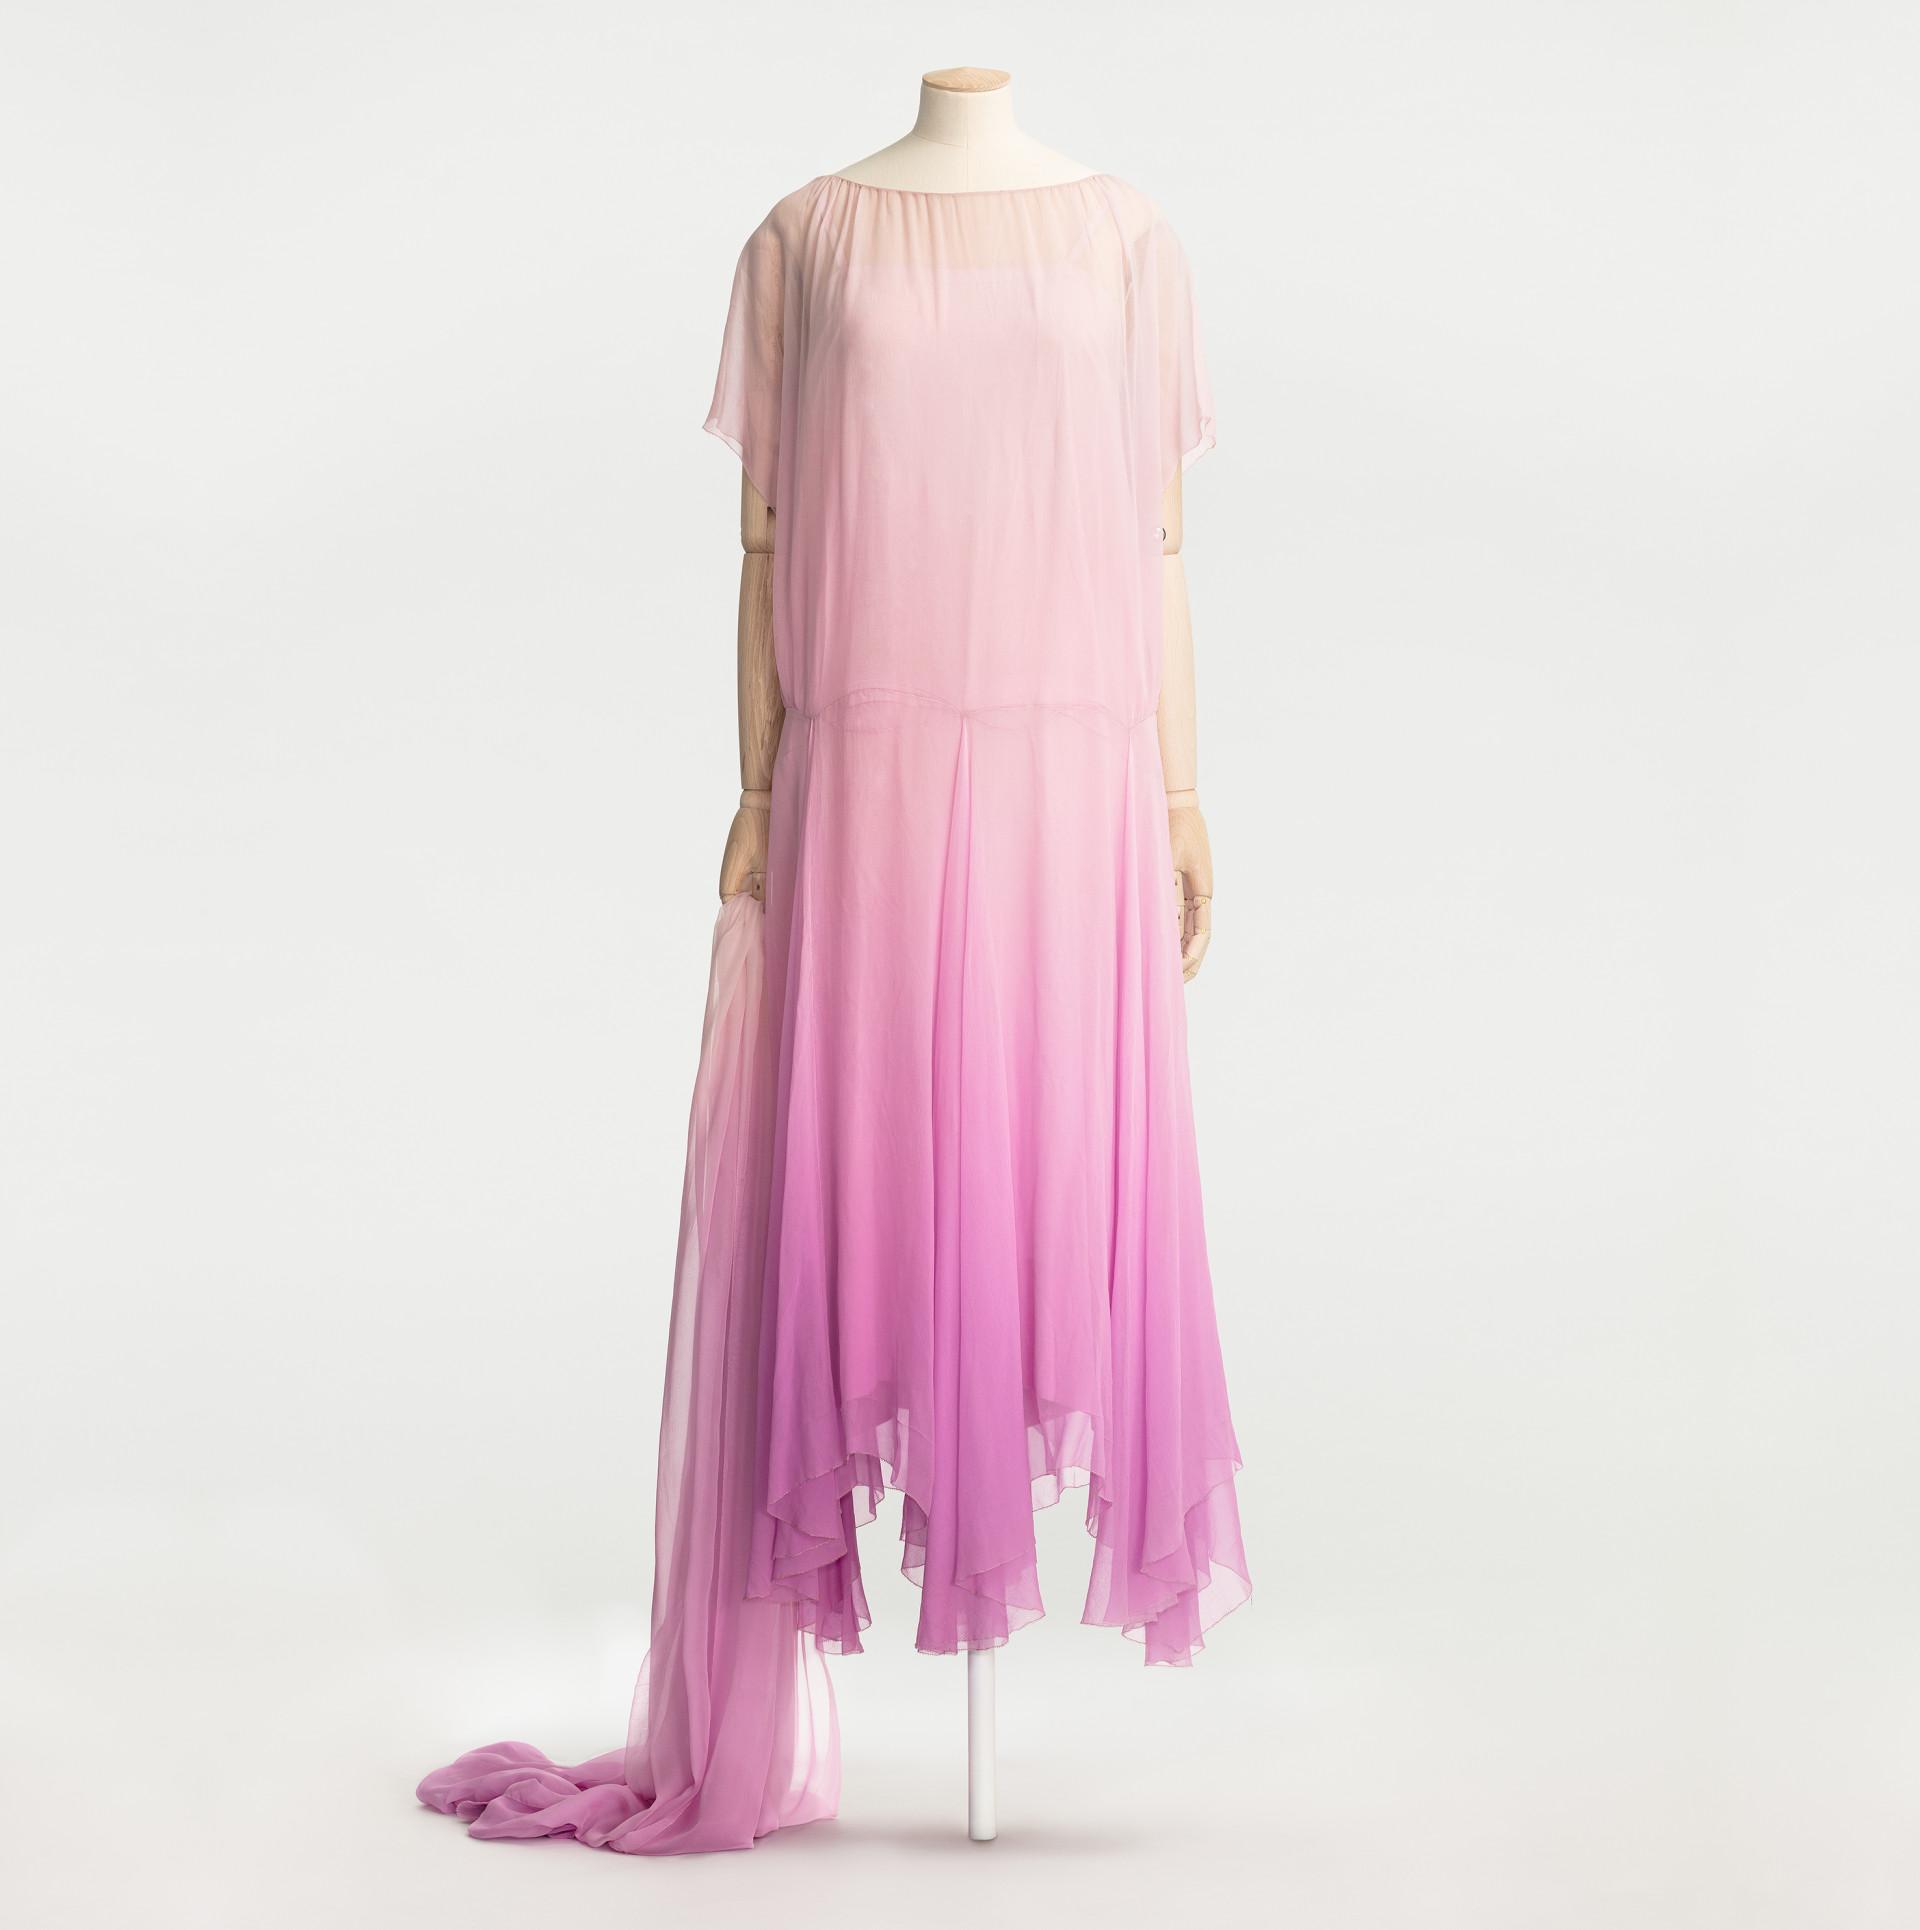 Rosa festklänning med släp på provdocka